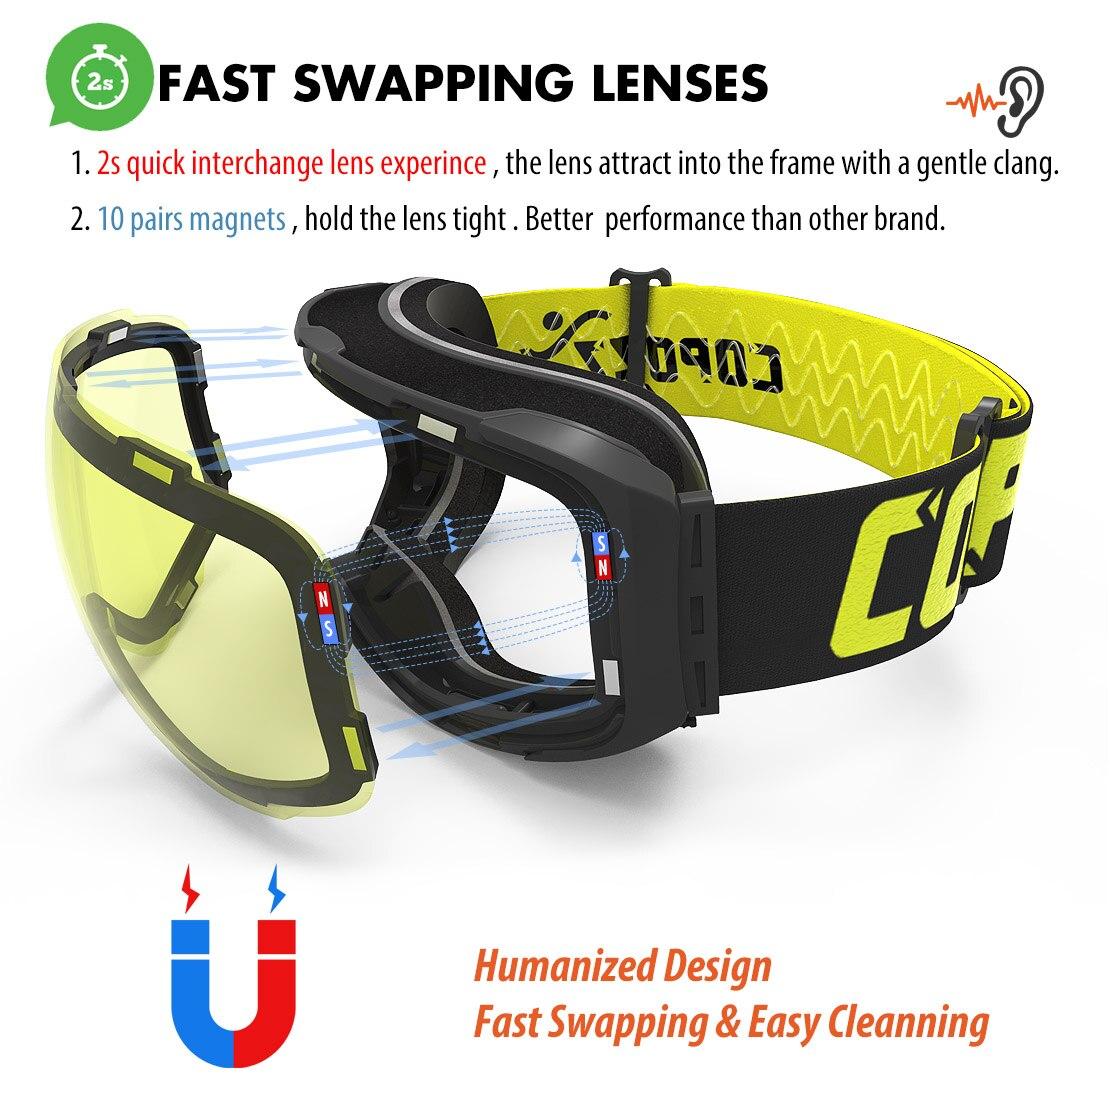 Lunettes de Ski magnétiques COPOZZ avec objectif et étui à changement rapide 100% UV400 Protection Anti-buée lunettes de Snowboard pour hommes et femmes - 3